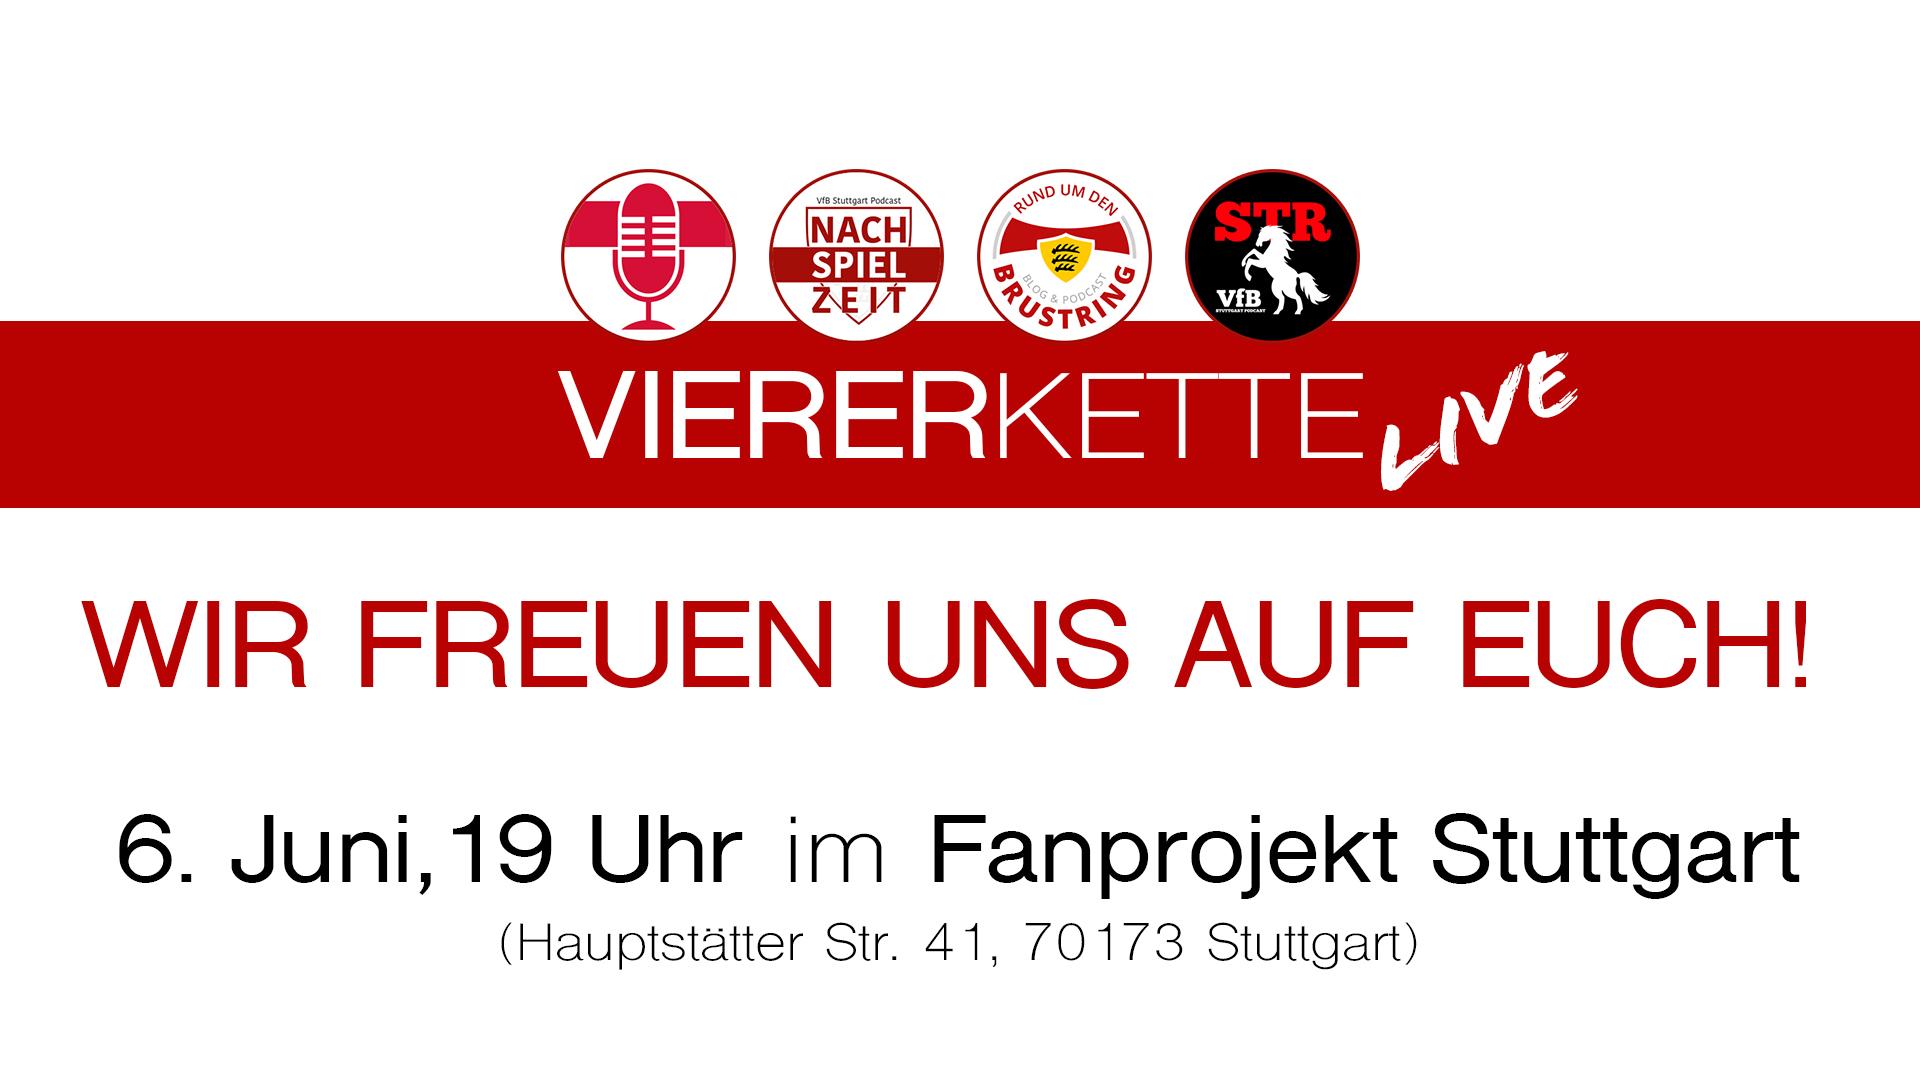 Die #VfBVIERERKETTE kommt zurück – live!